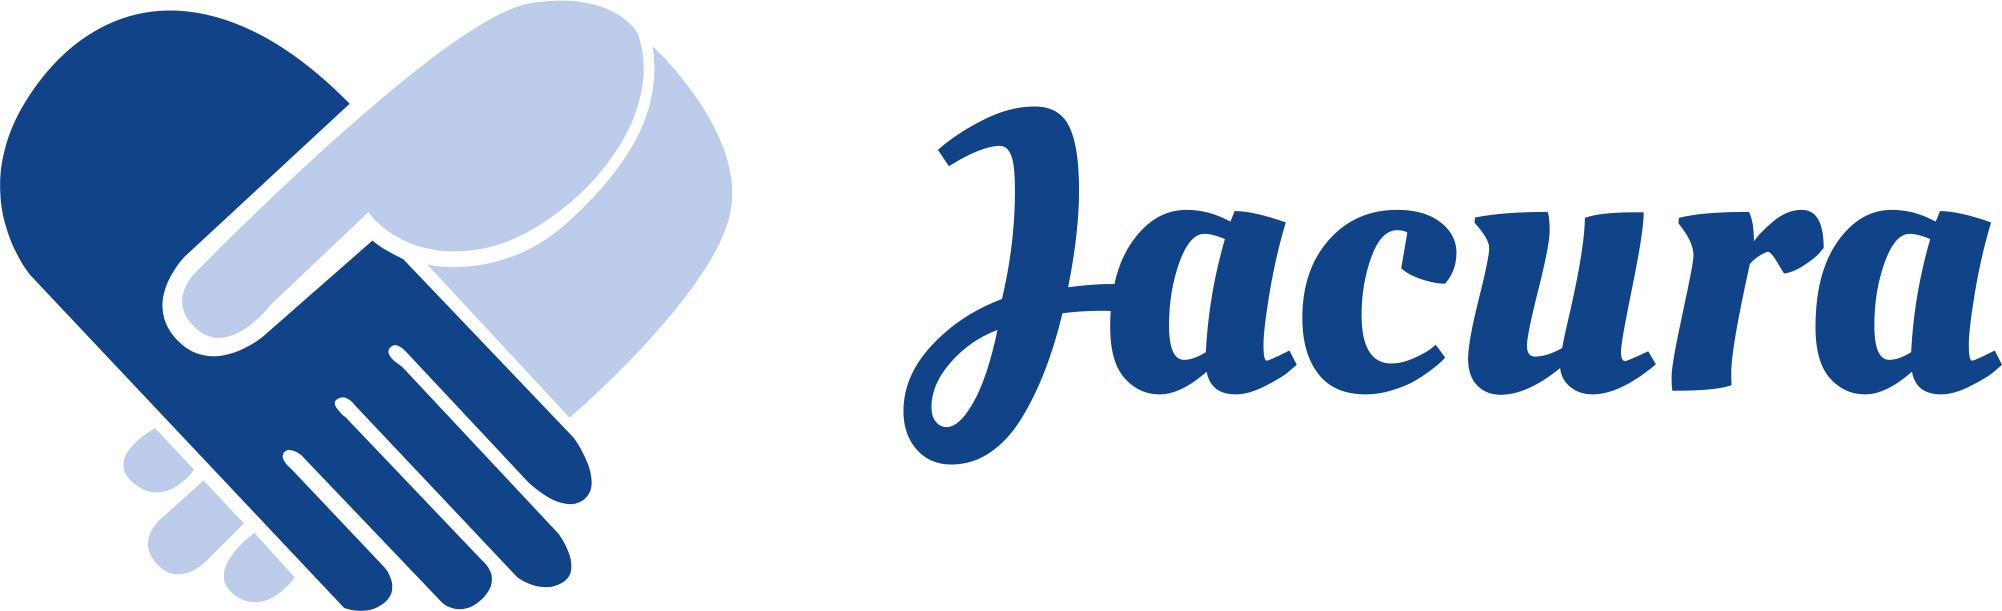 Profil von Jacura 24h-Betreuung